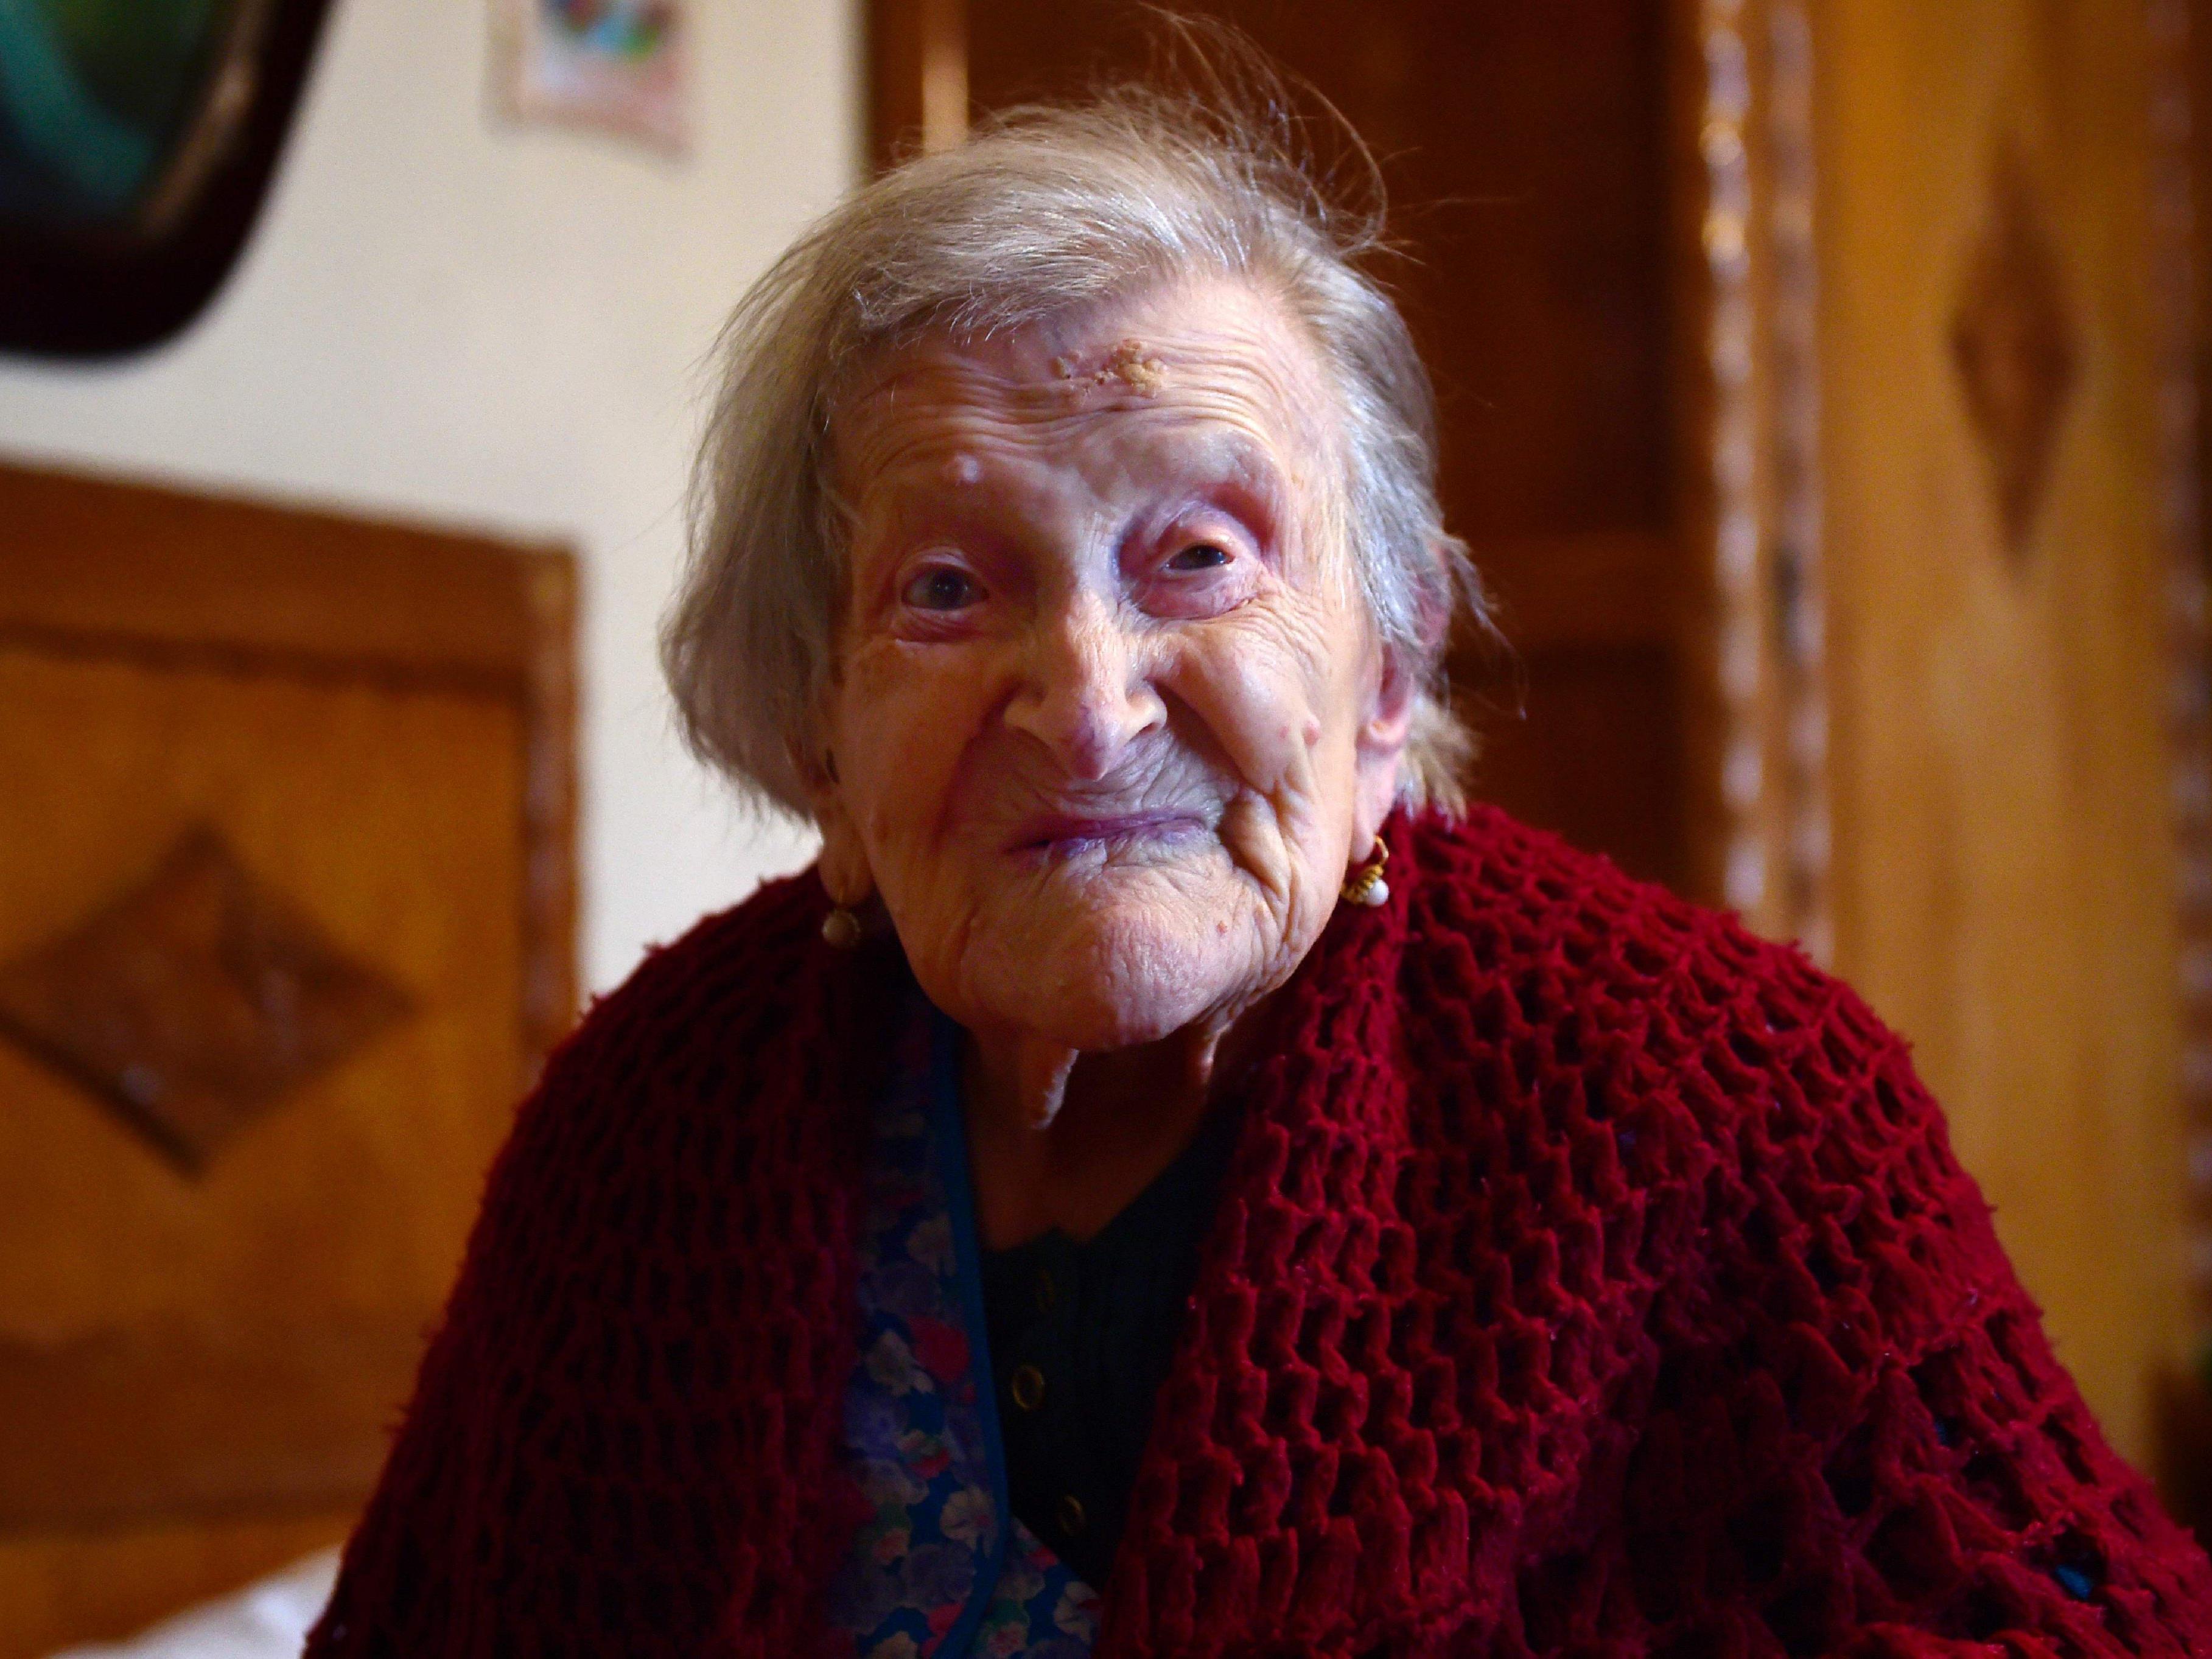 Emma Morano ist die letzte lebende Person, die noch im 19. Jahrhundert zur Welt kam.